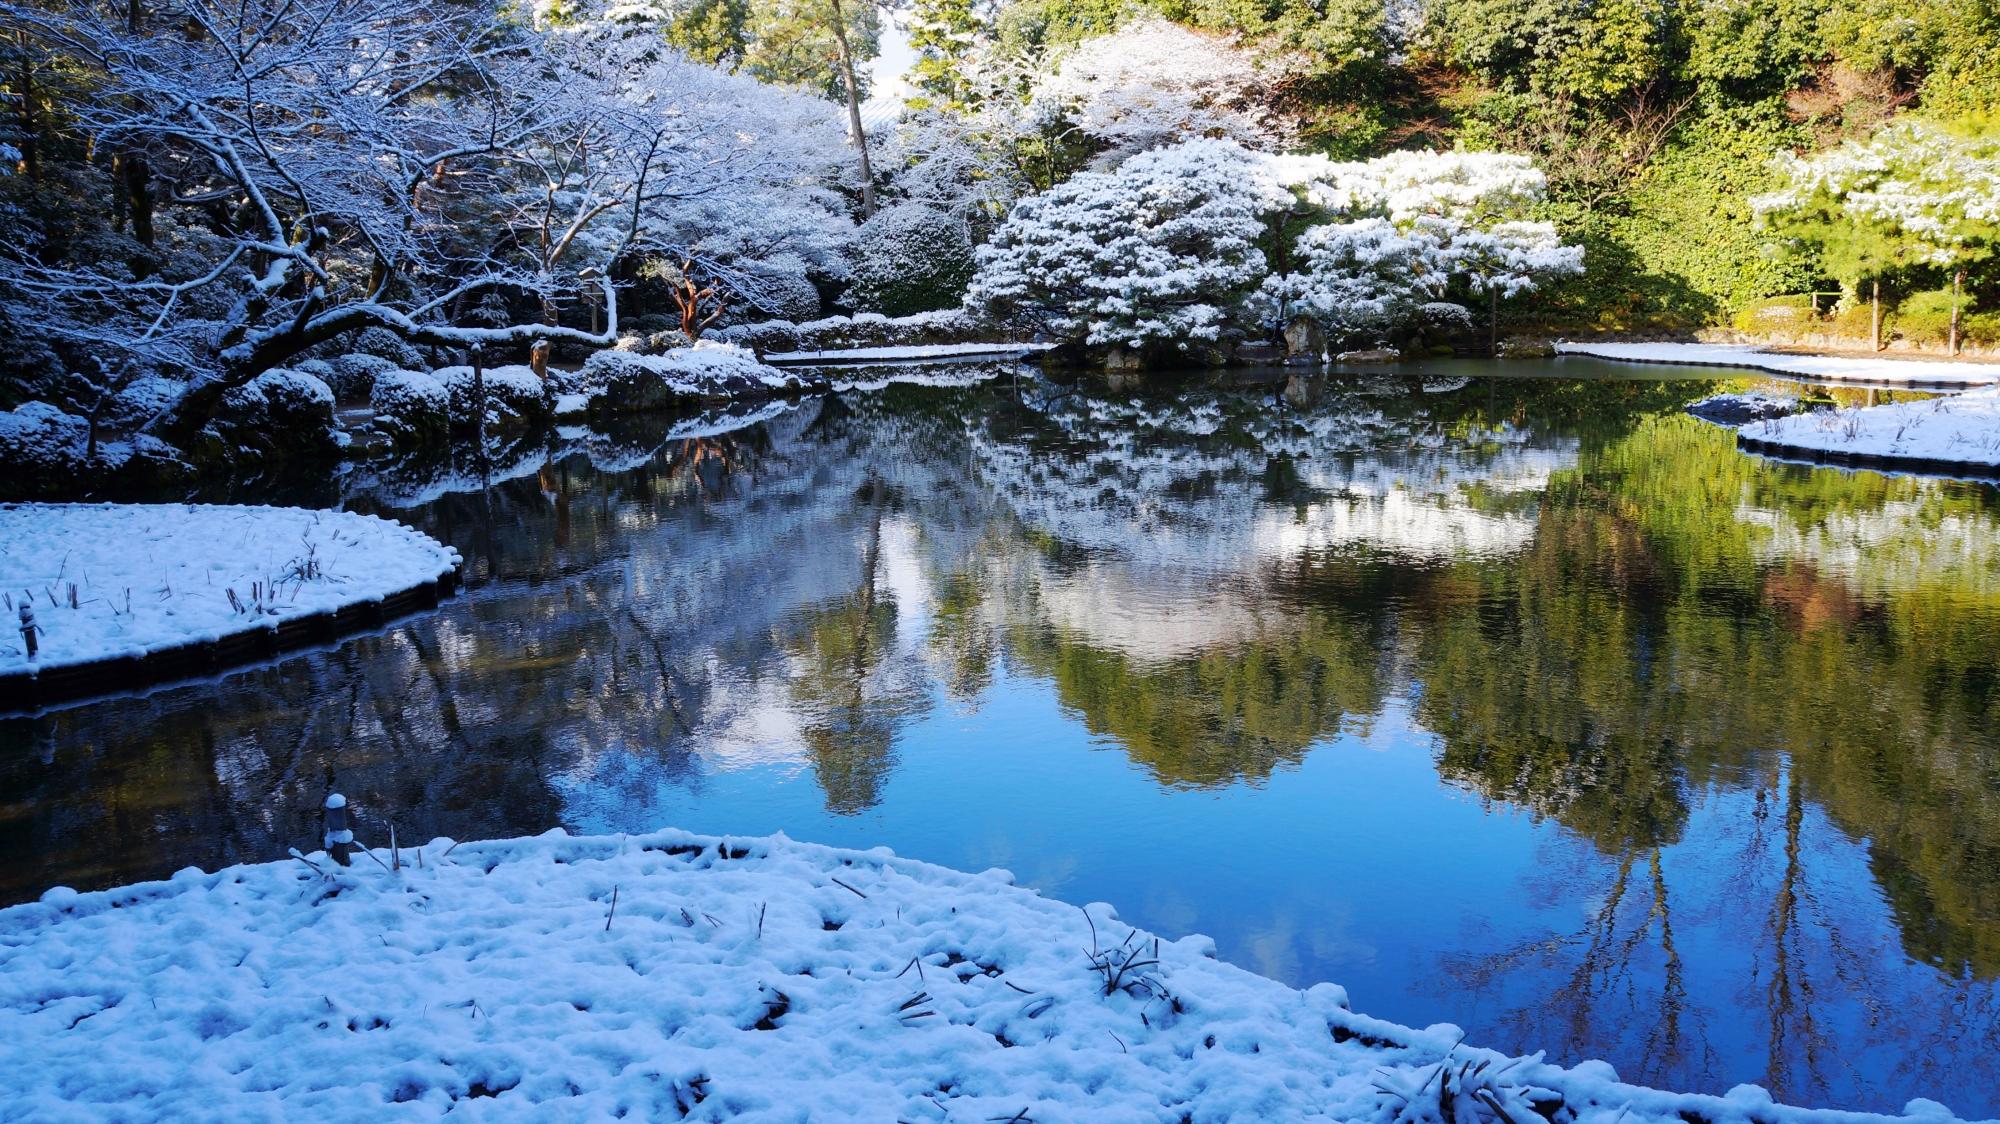 平安神宮神苑の水面に映る空と雪景色